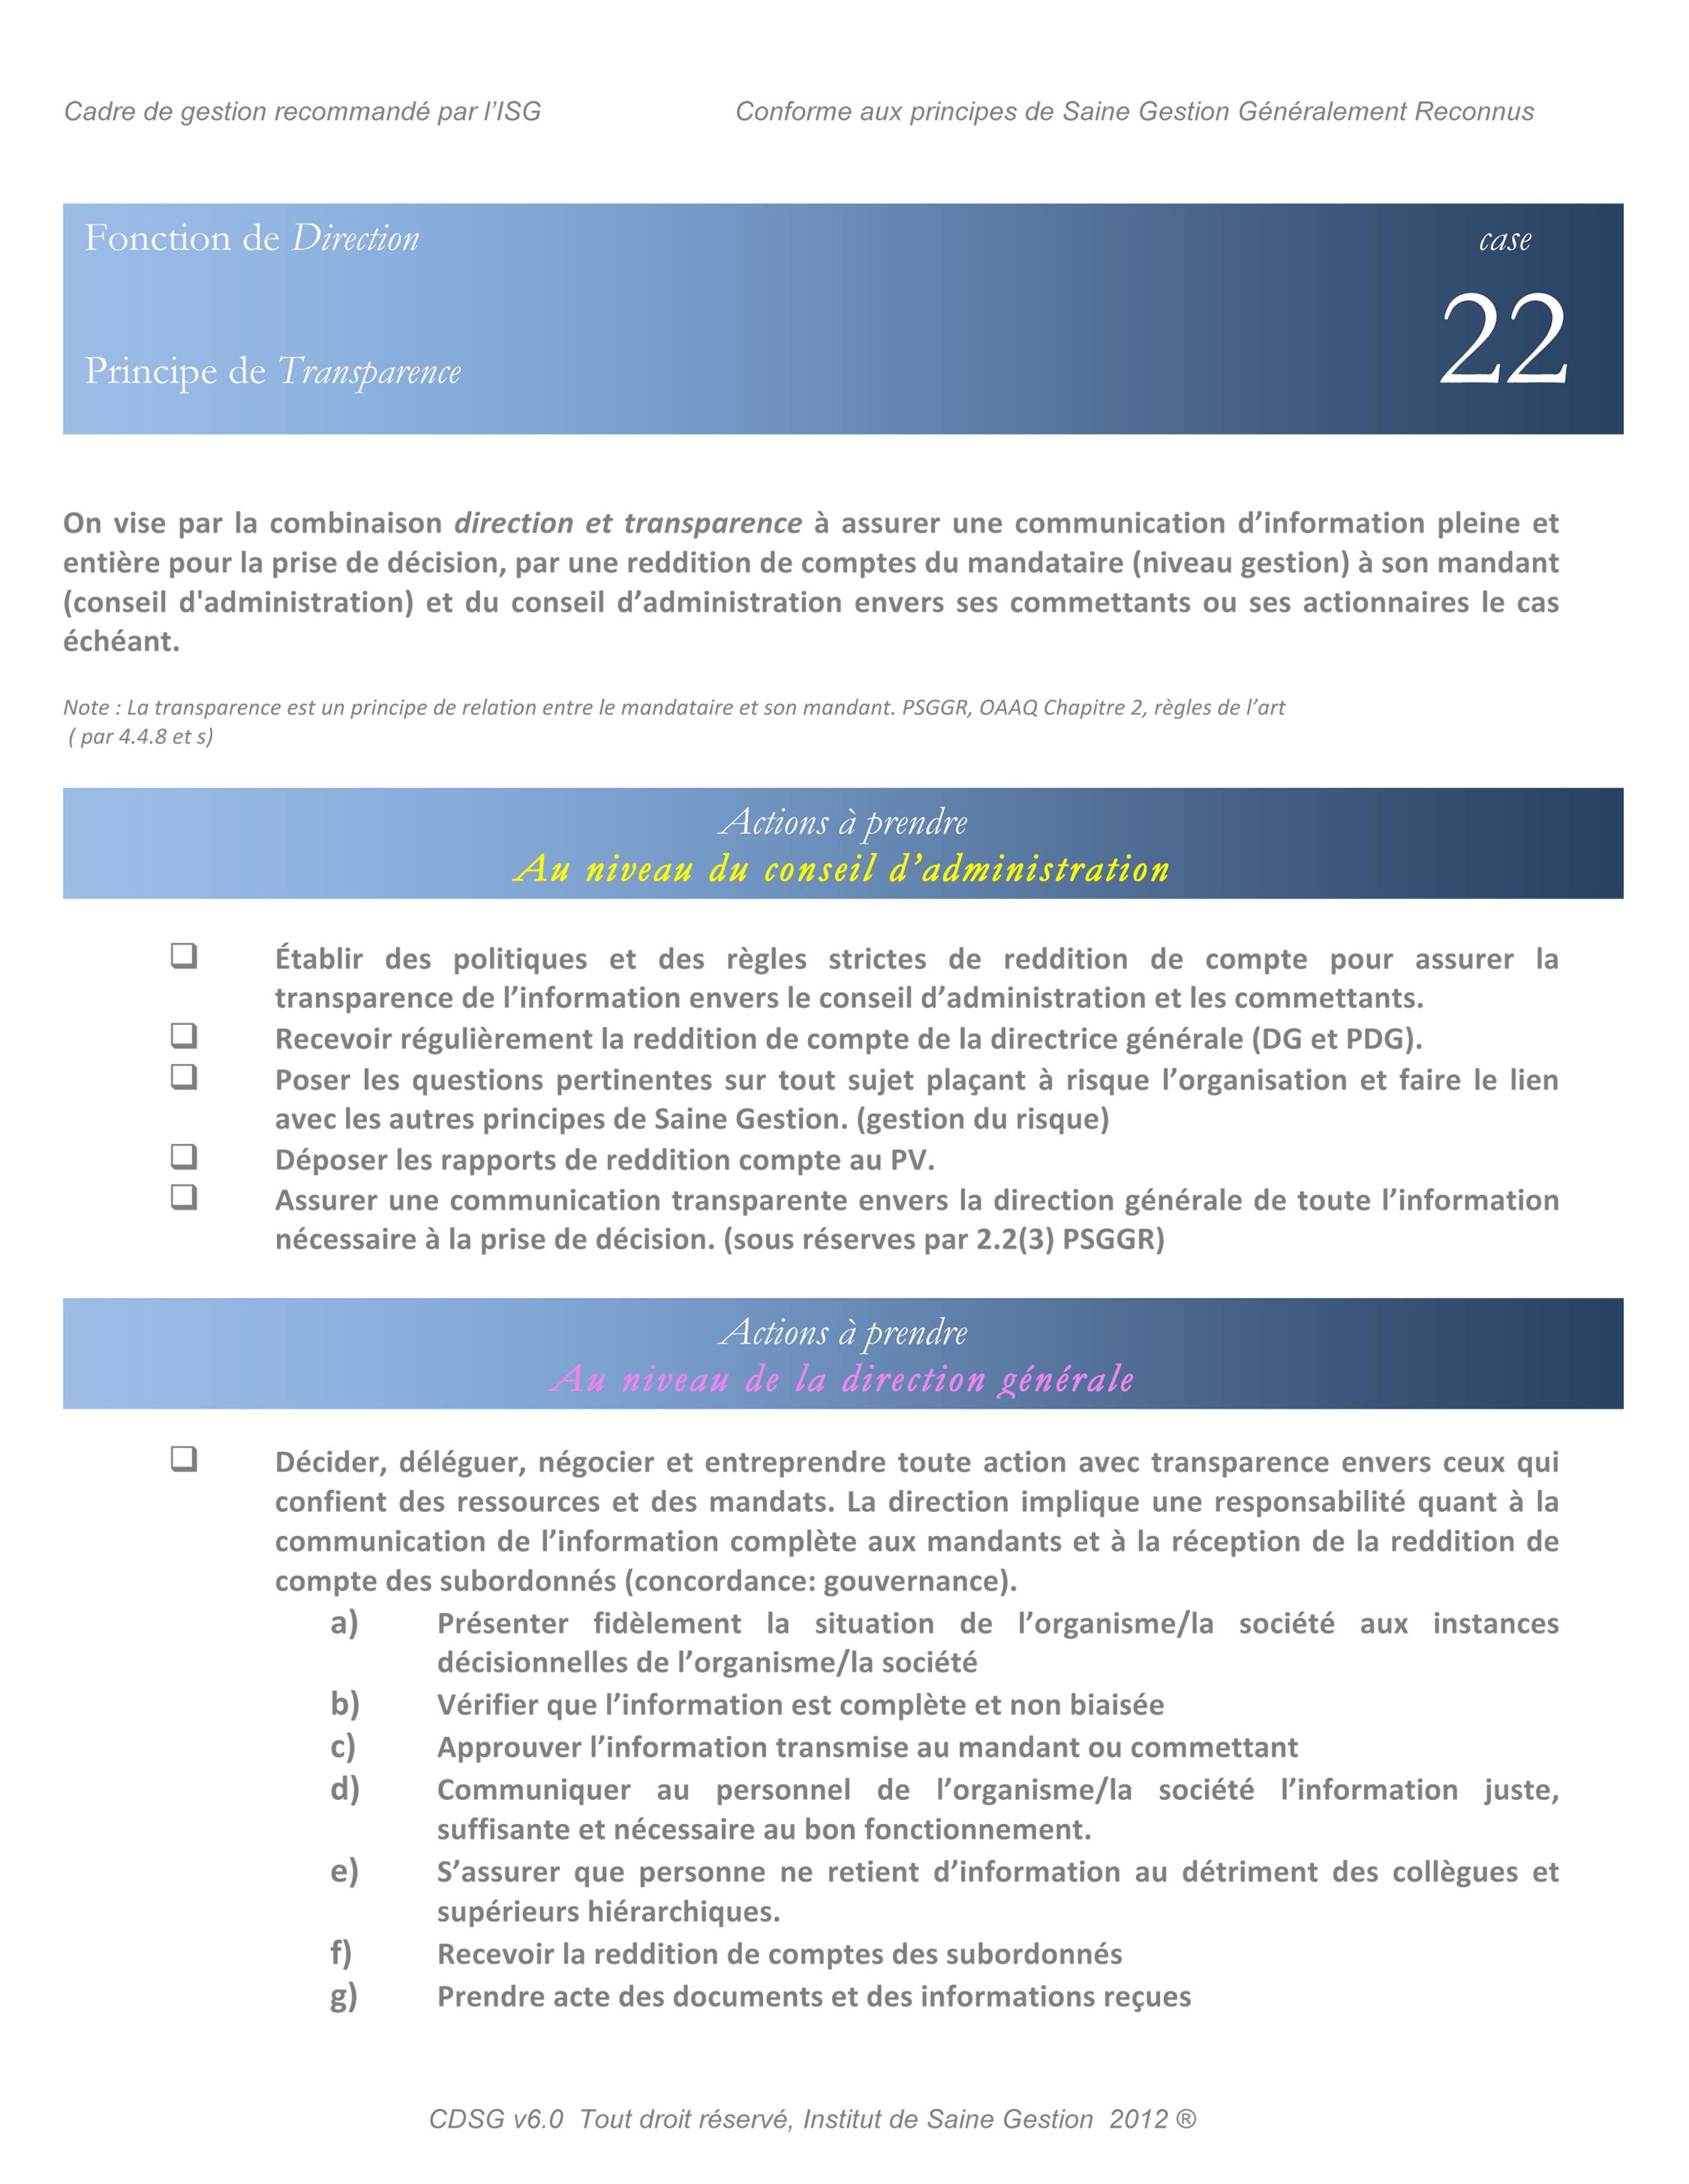 Microsoft Word - CDSG c22 v6 0.docx